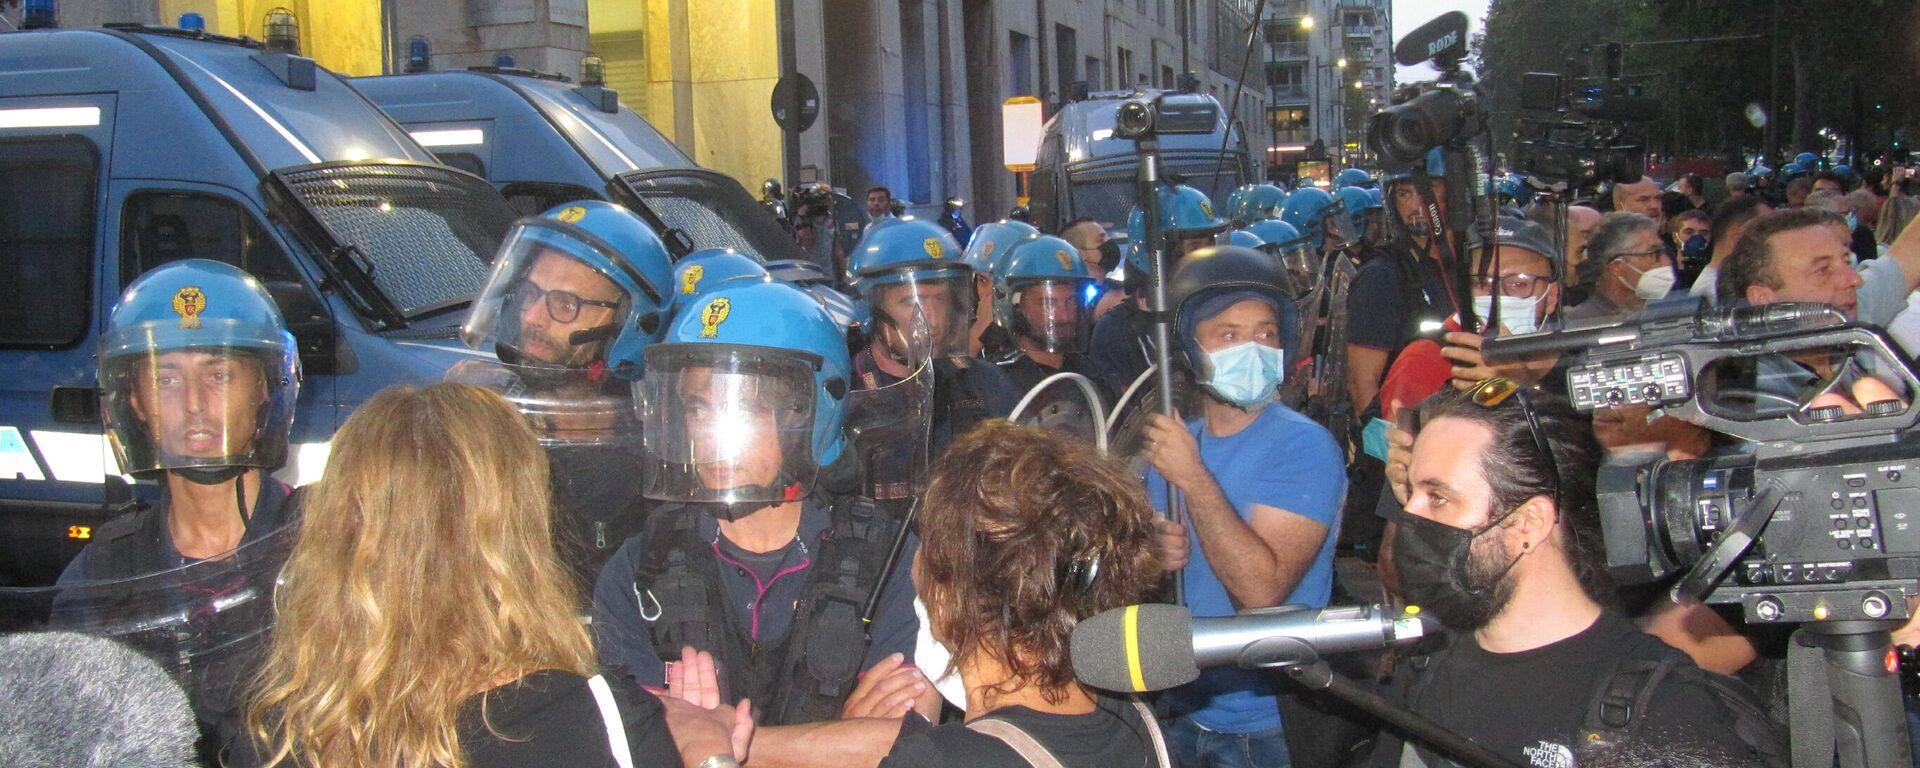 Milano, manifestazione contro il Green Pass - Sputnik Italia, 1920, 14.10.2021